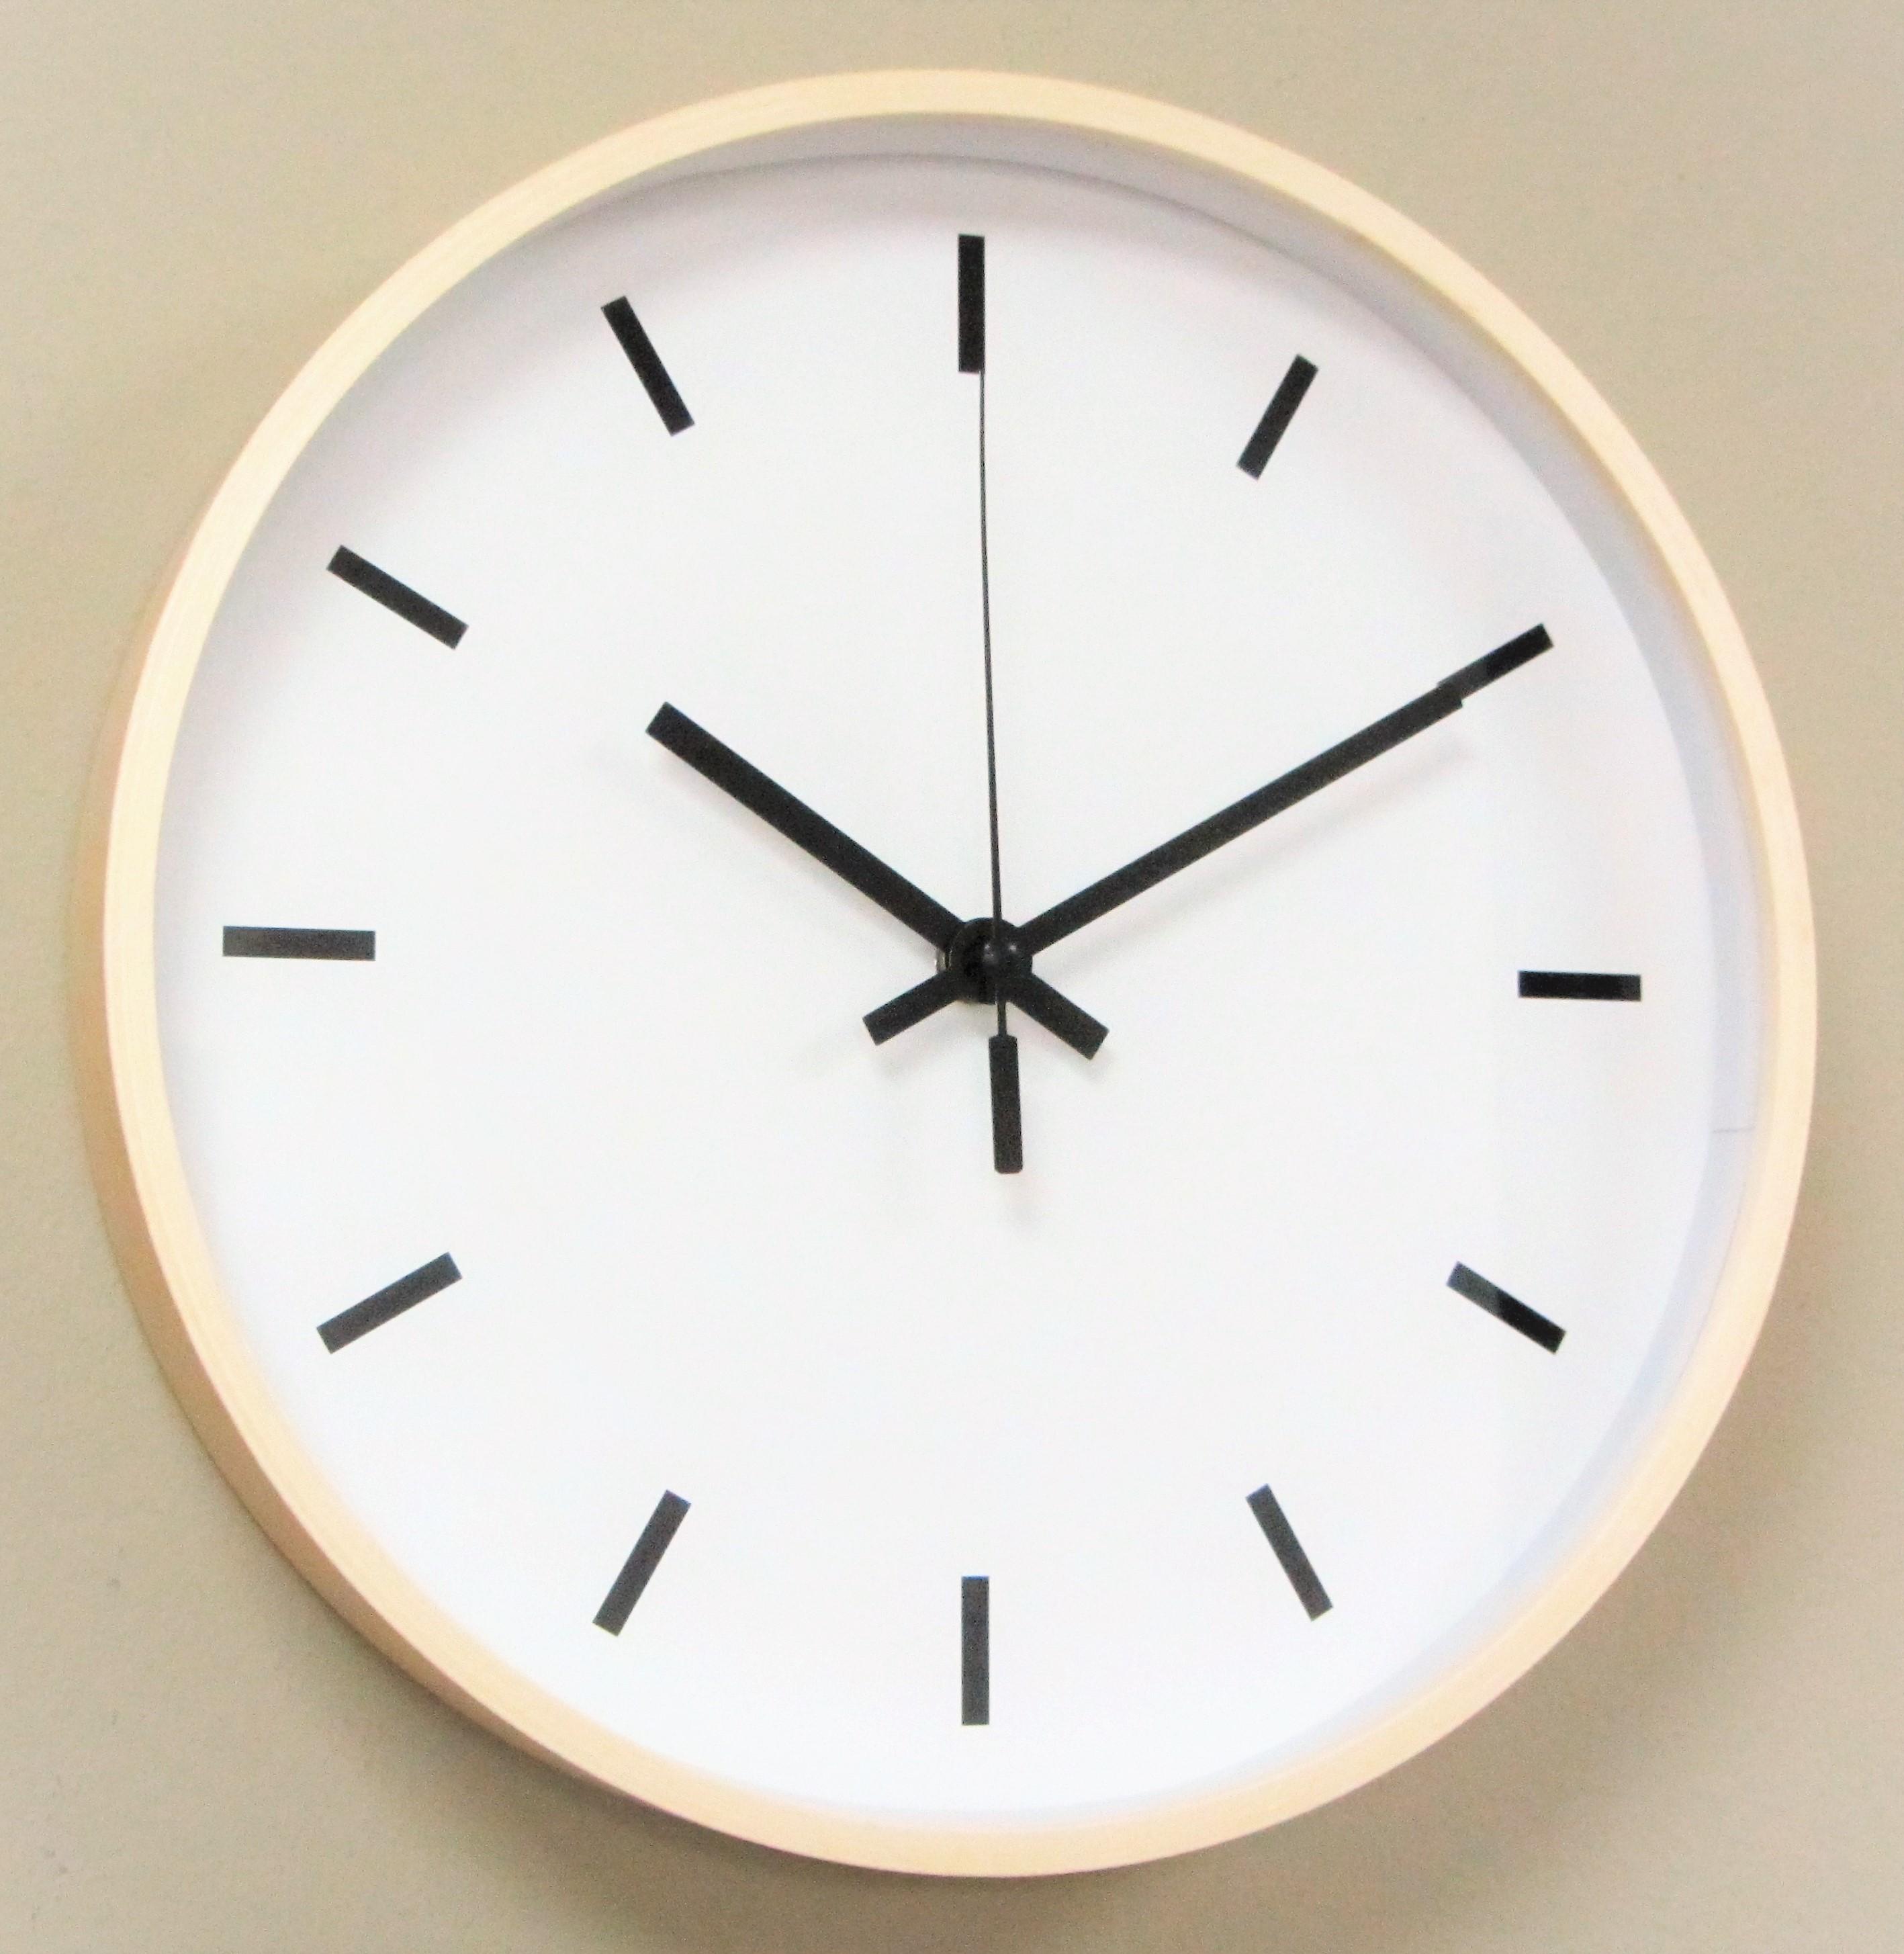 IMC Wanduhr Holz Uhr Büro Küche Wohnzimmer modern großes Ziffernblatt weiß  gut lesbar Quartz XL | IMC Manufactoria